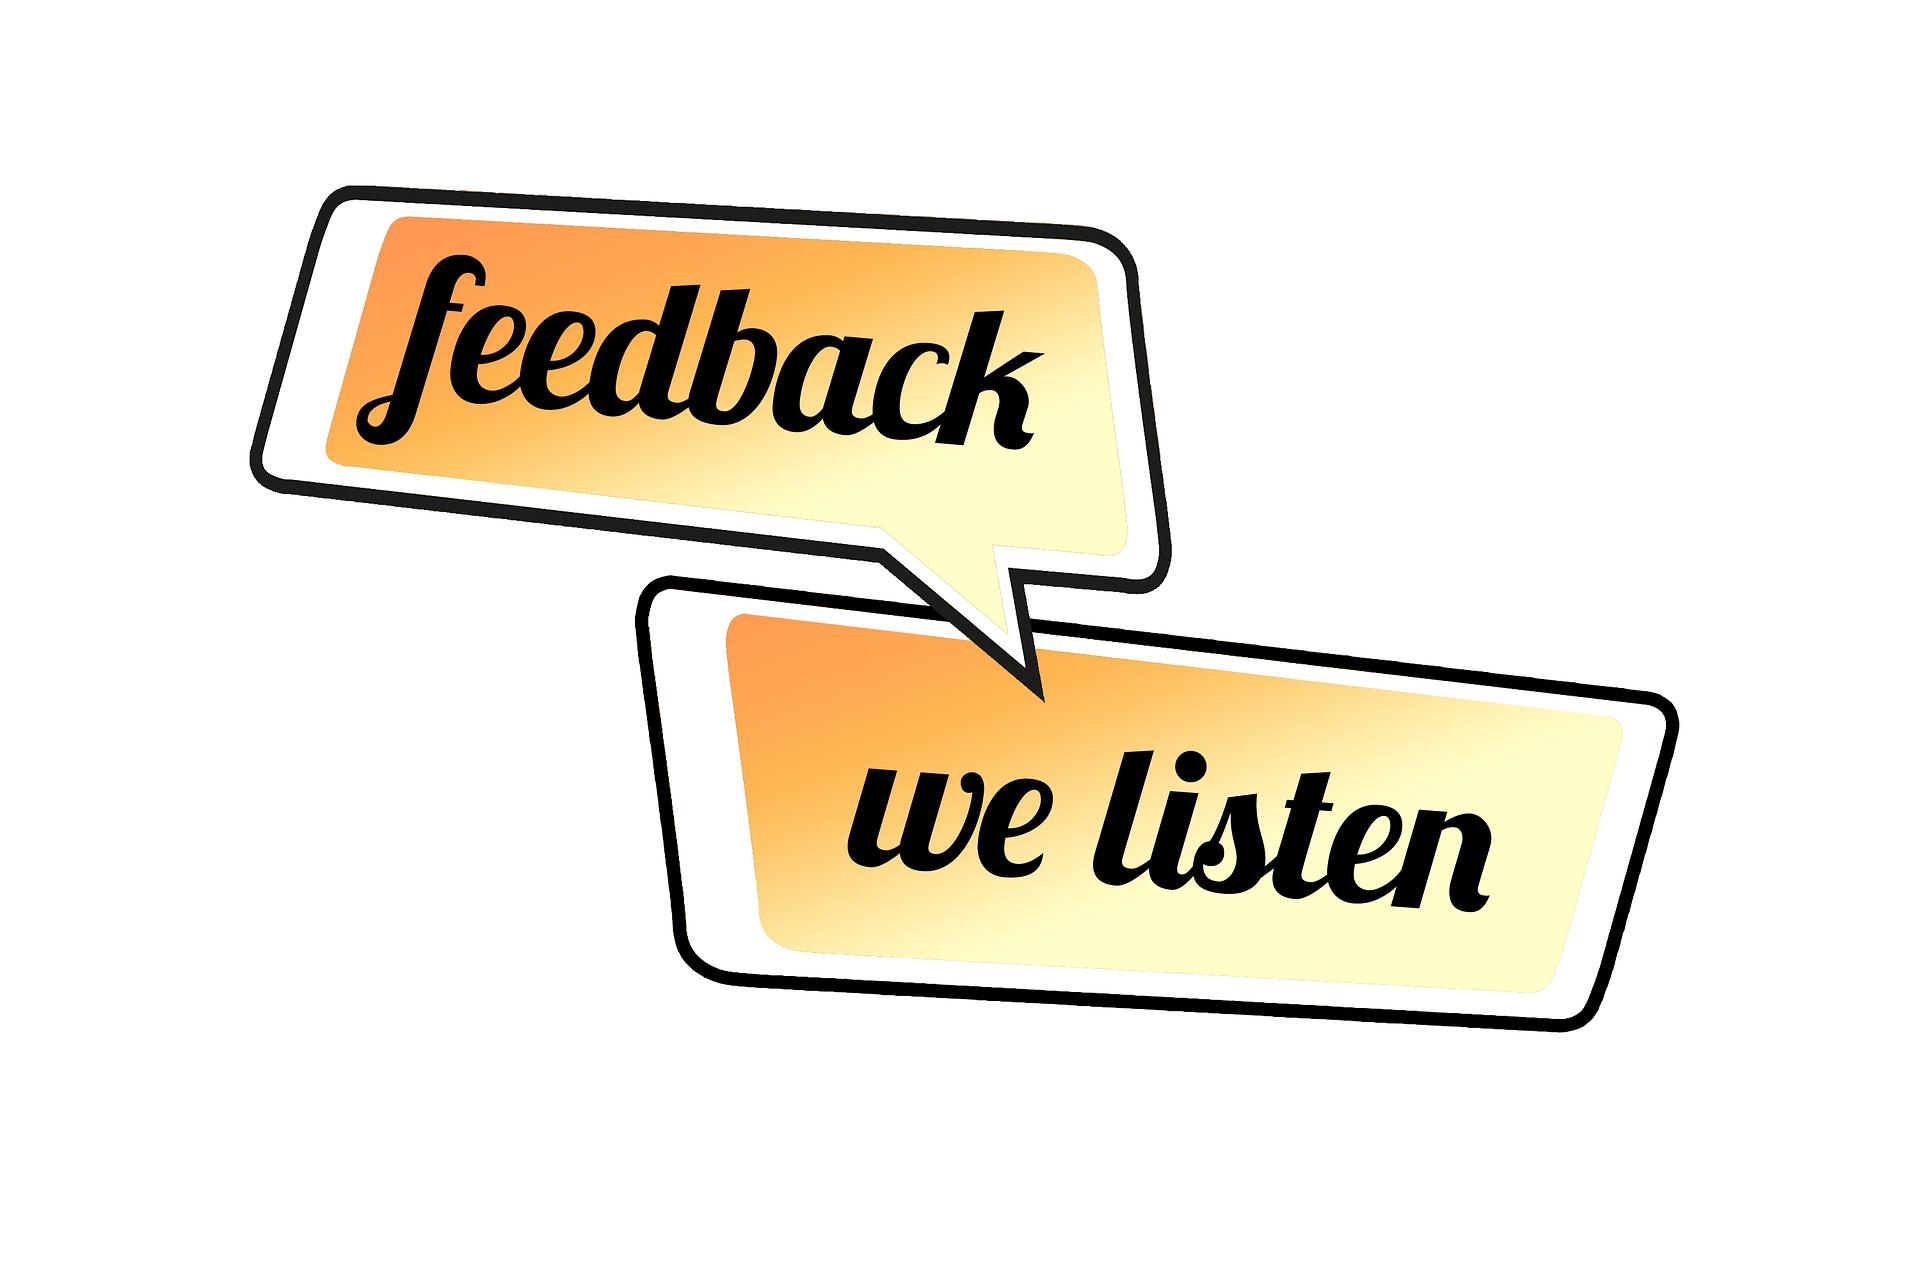 feedback-3227599_1920